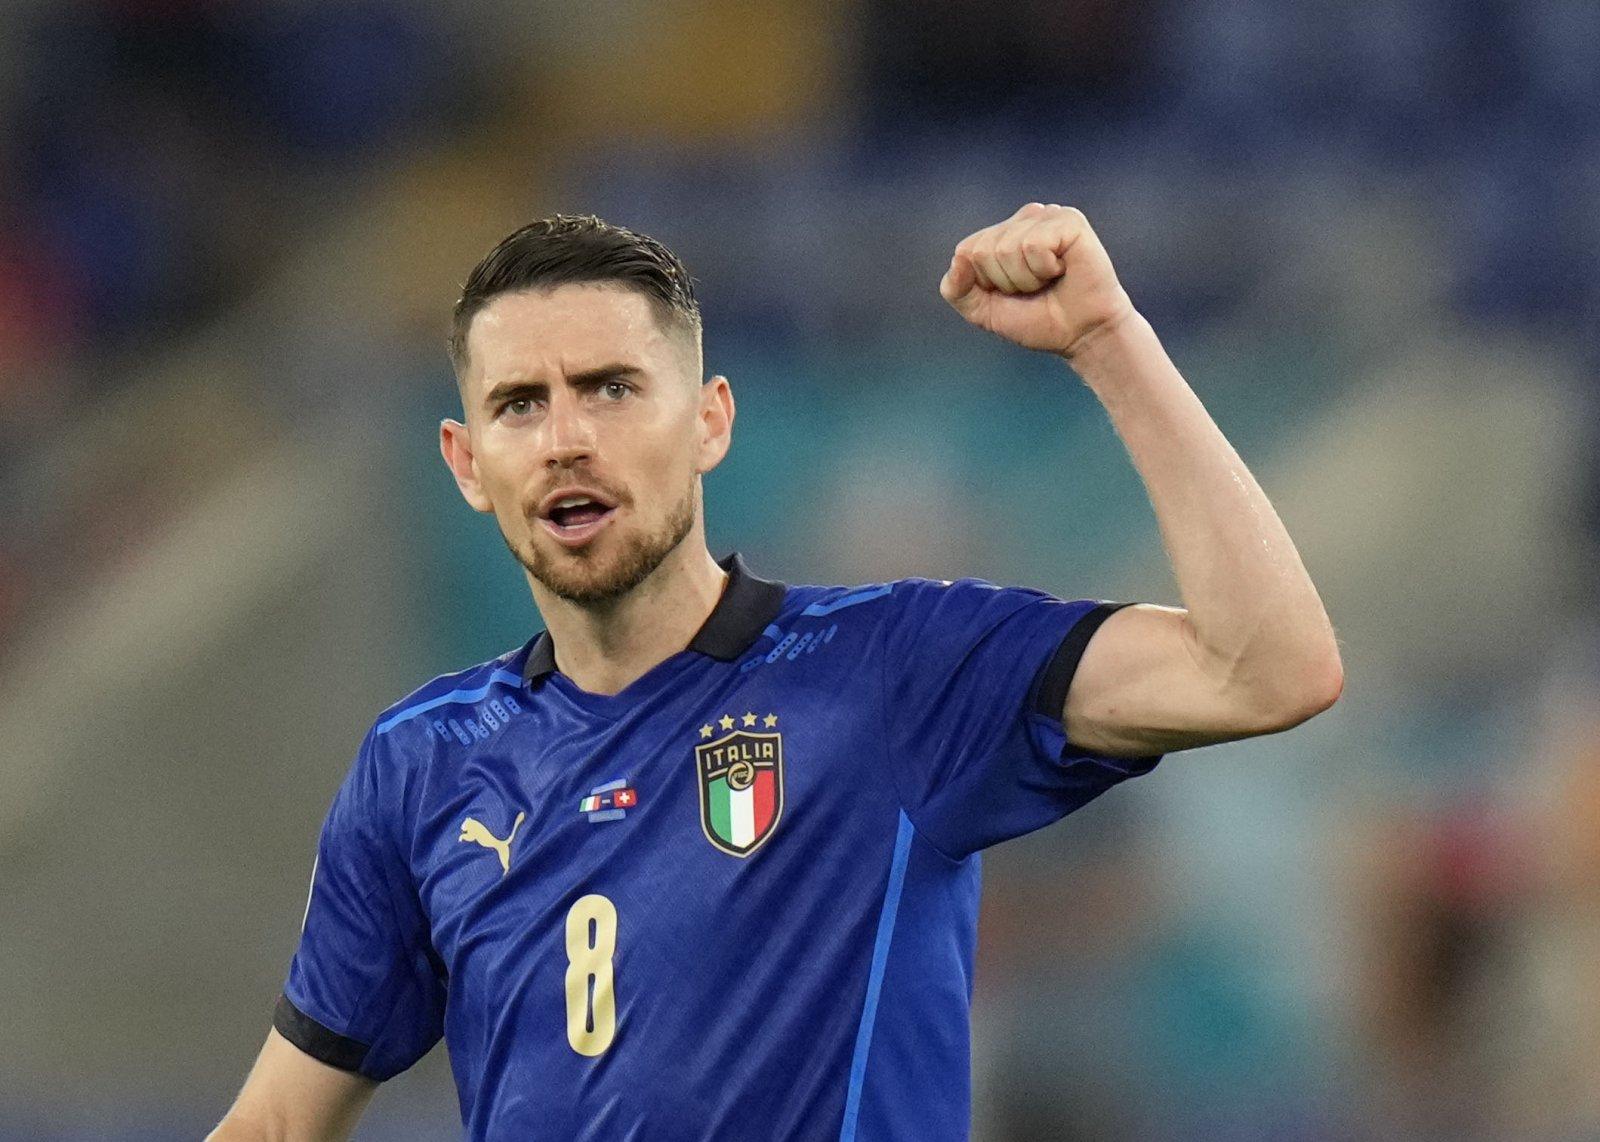 Jorginho: Ngôi sao chưa bao giờ được đánh giá đúng tầm của tuyển Ý - Ảnh 4.